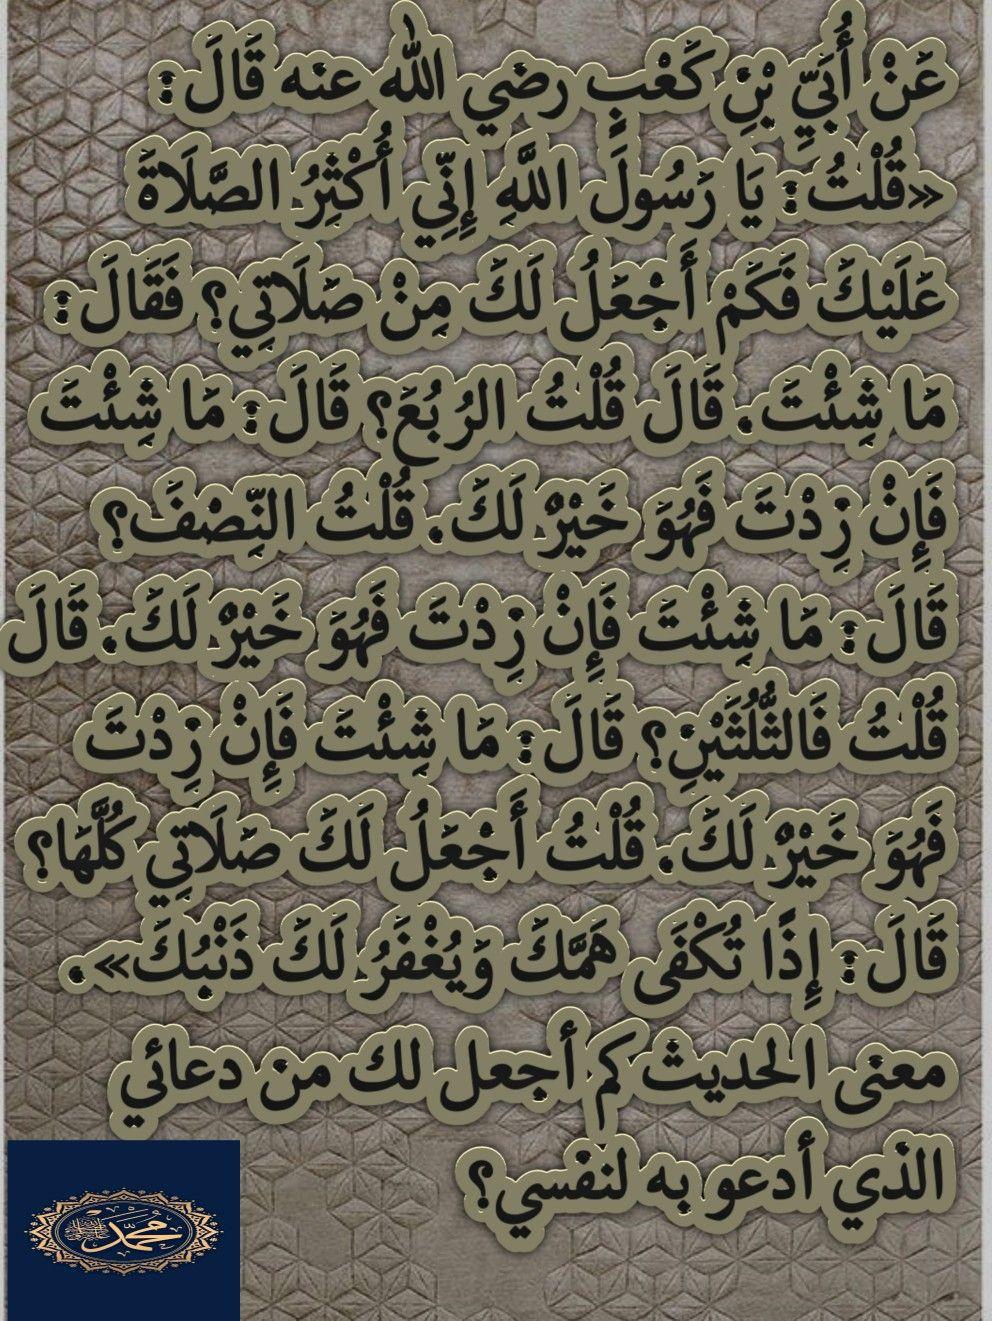 إذا ت كفى همك وي غفر لك ذنبك Hadith